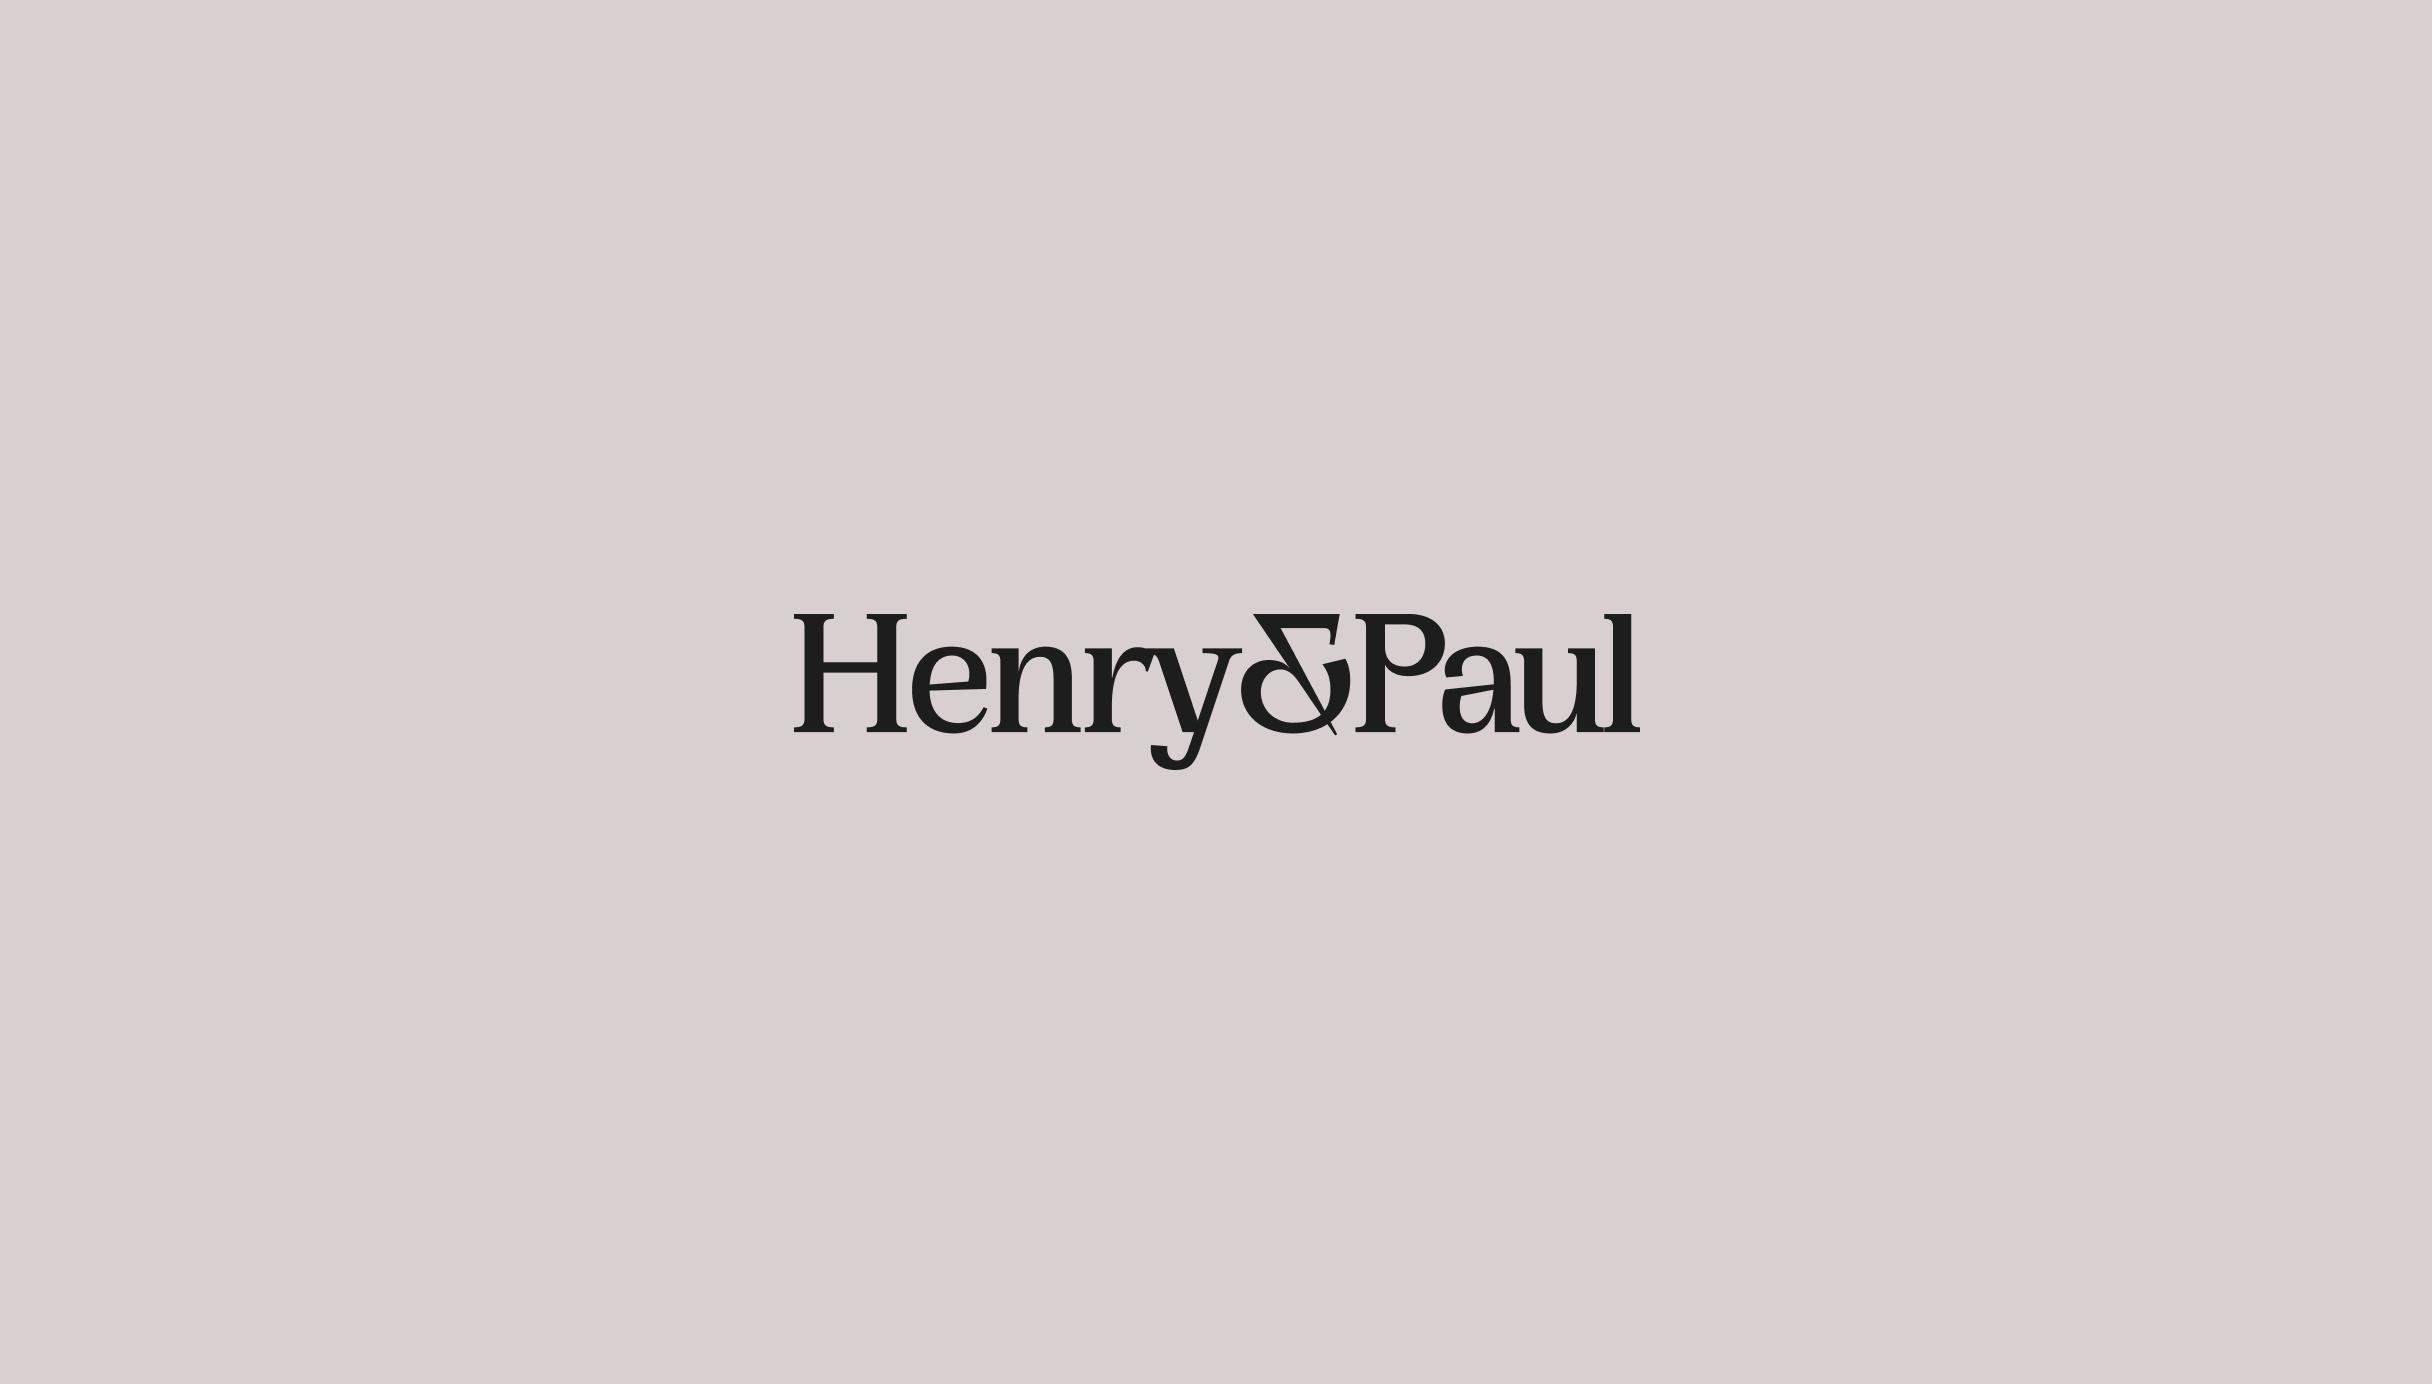 New Henry & Paul logo